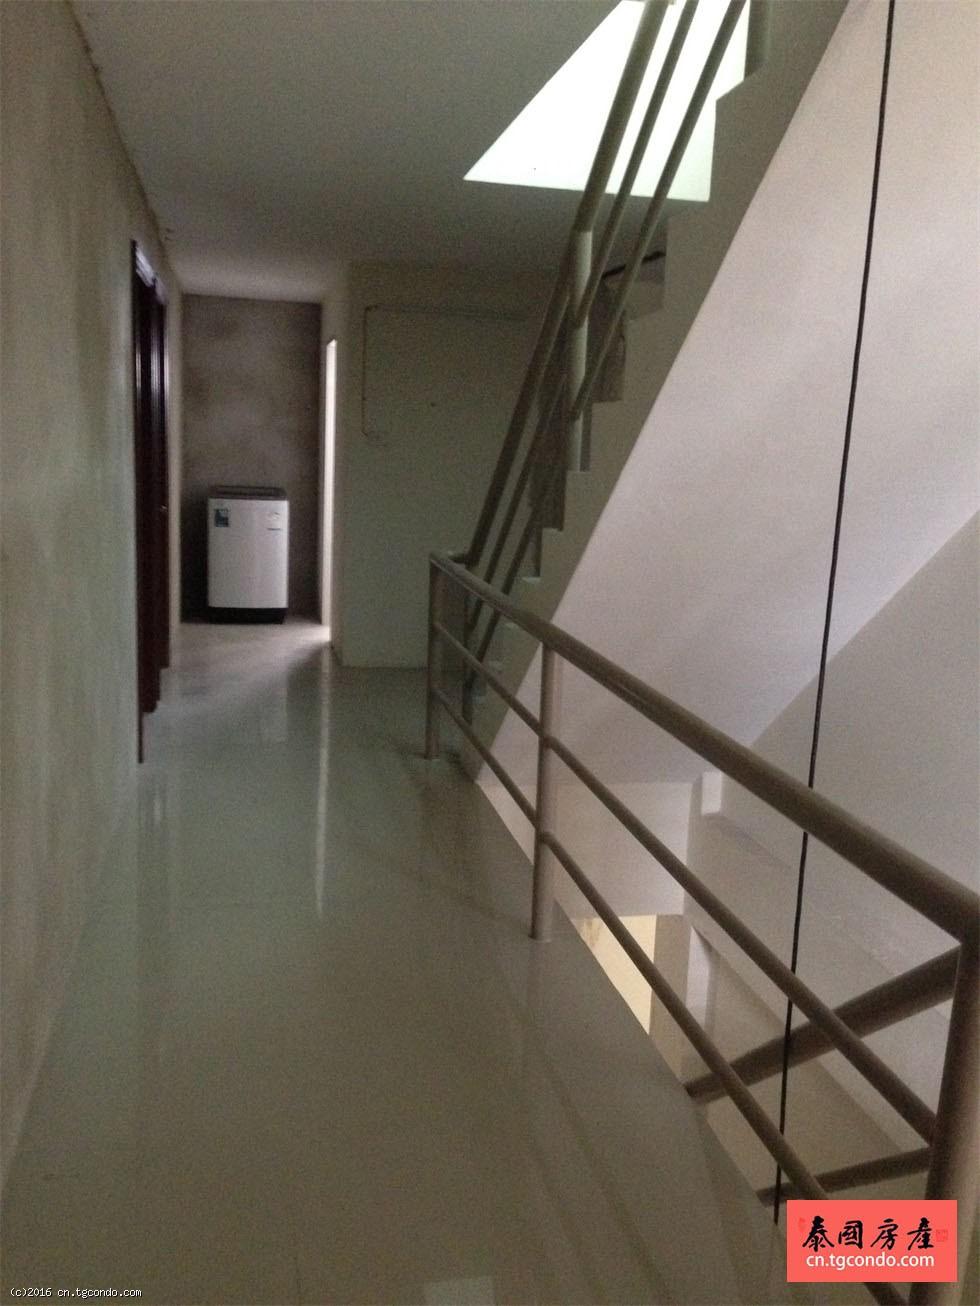 曼谷拉查达地铁口,双门面4层商铺出租